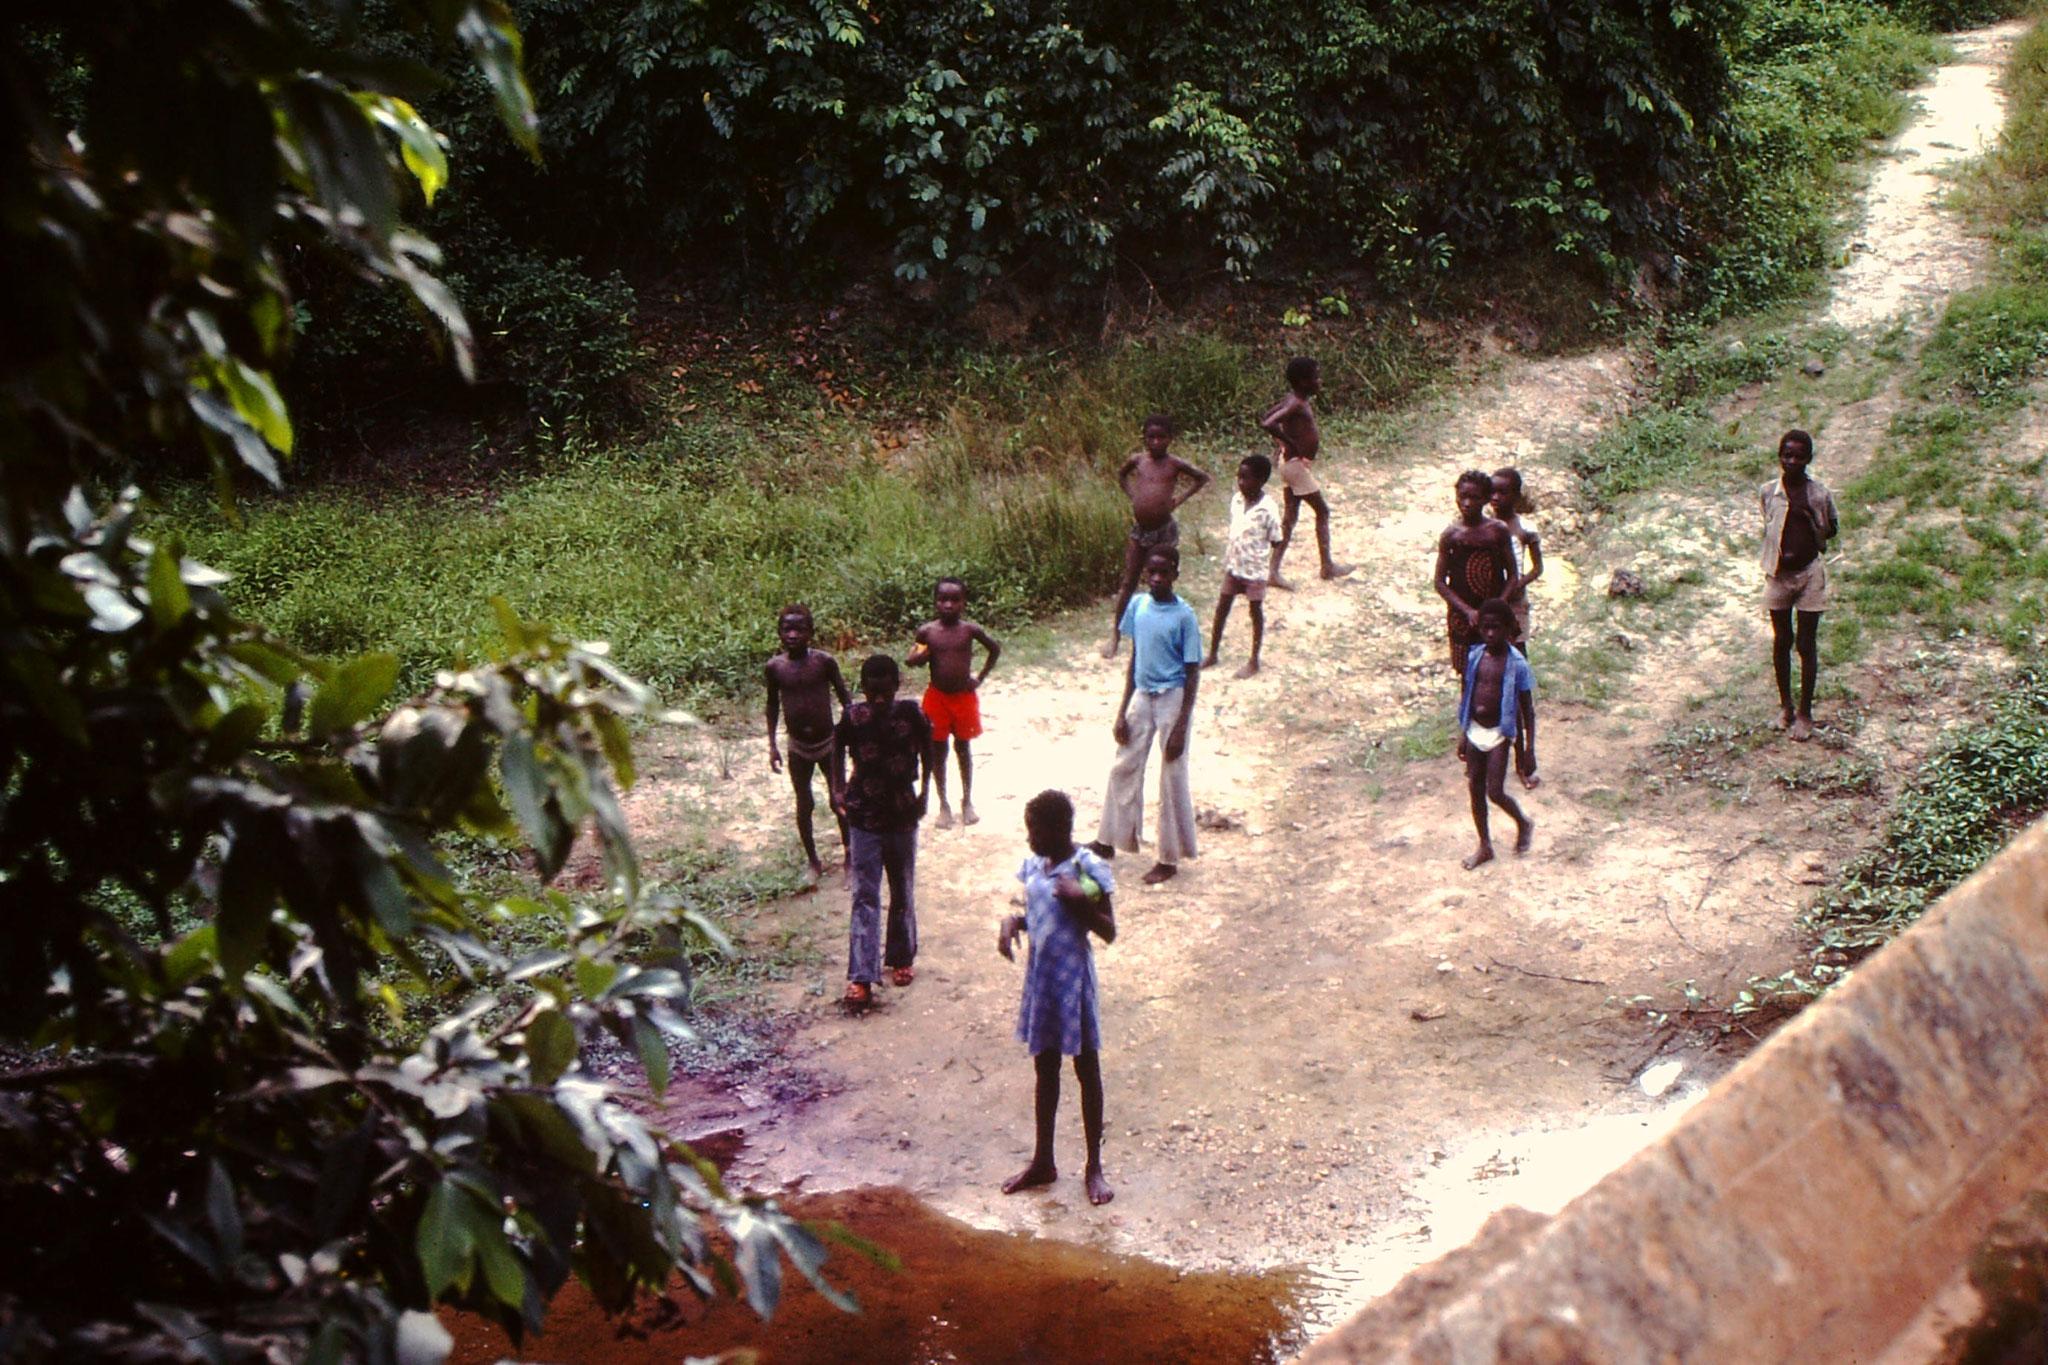 Die Kinder sind erstaunt, denn es war nicht Normal, dass man hier Touristen traf. Wir kamen von da, weil wir uns in Ghana verfahren hatten. Anstelle von Kumasi, Sunyani, Dorma Ahenkro, fuhren wir Kumasi, Dunkwa, Nsinsin, Niable. Das wir falsch waren m